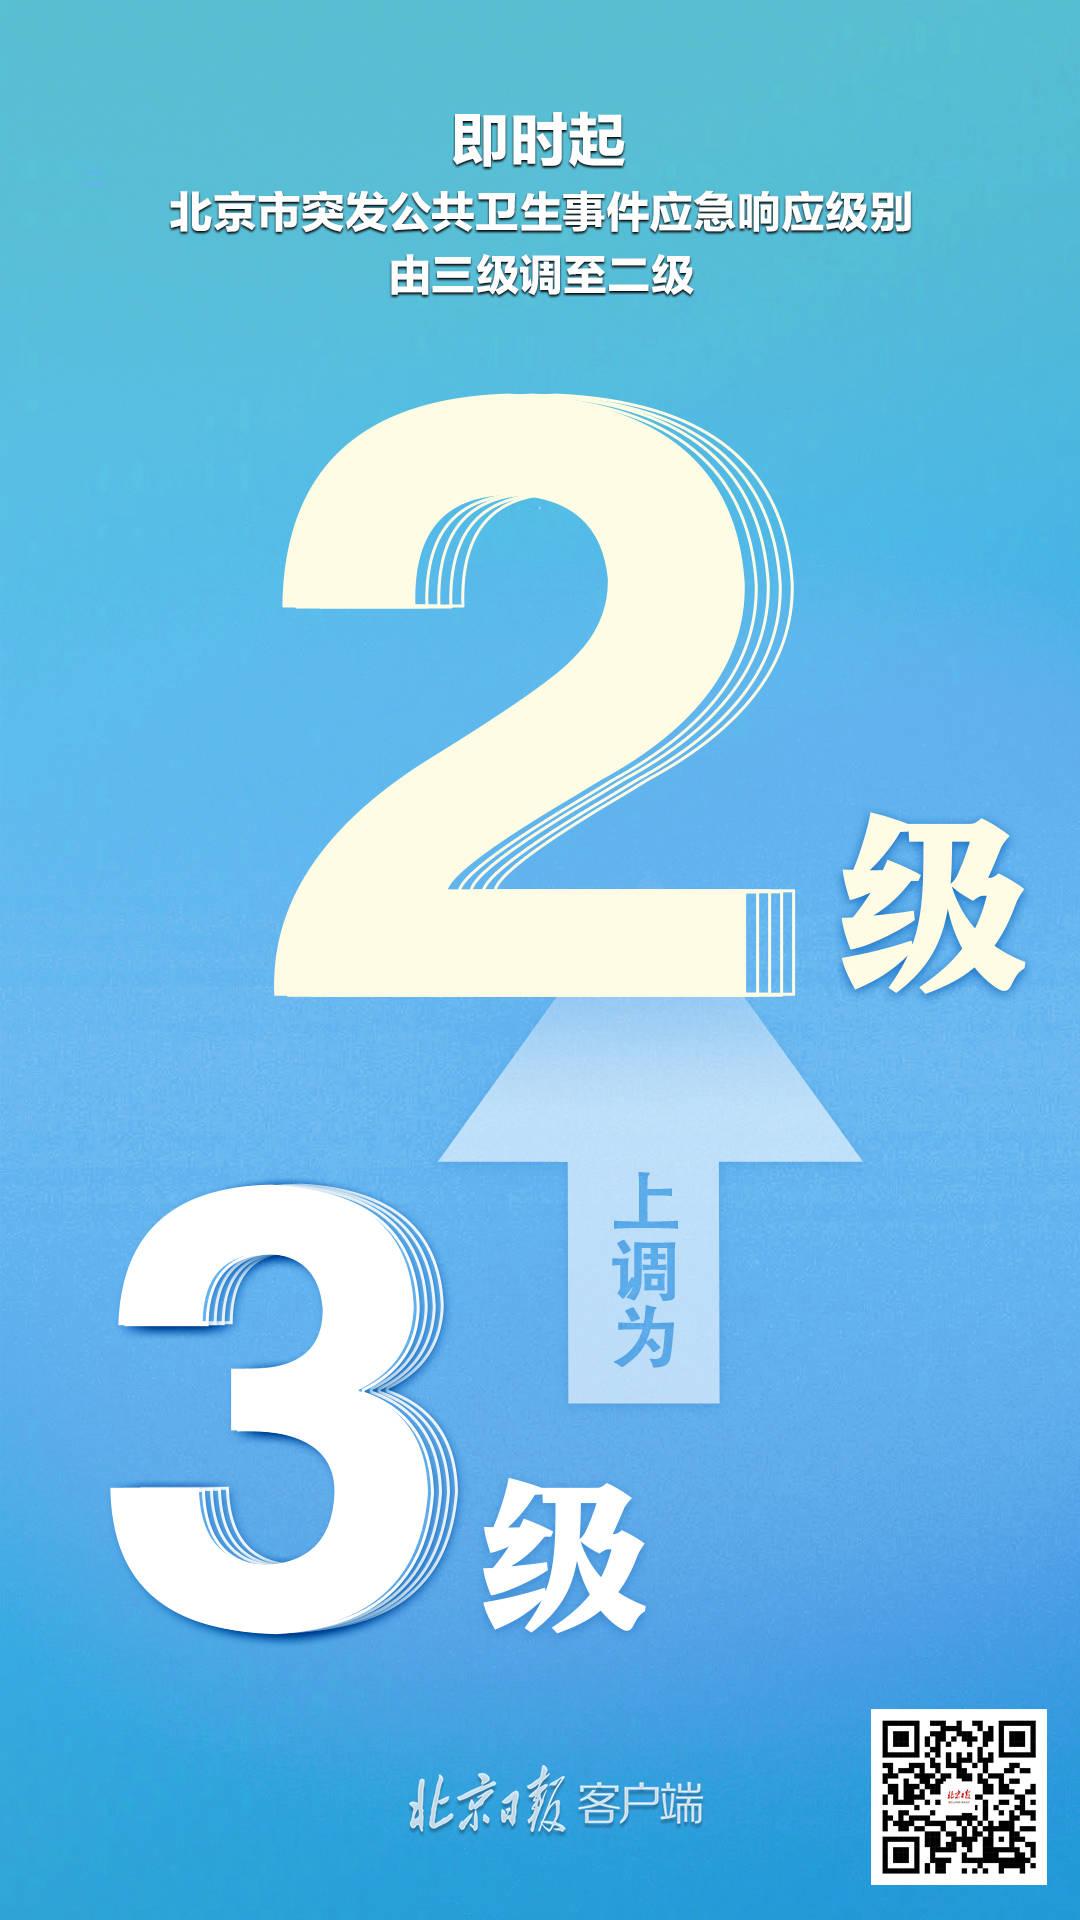 北京应急响应级别上调为二级!防控策略有这些重大变化